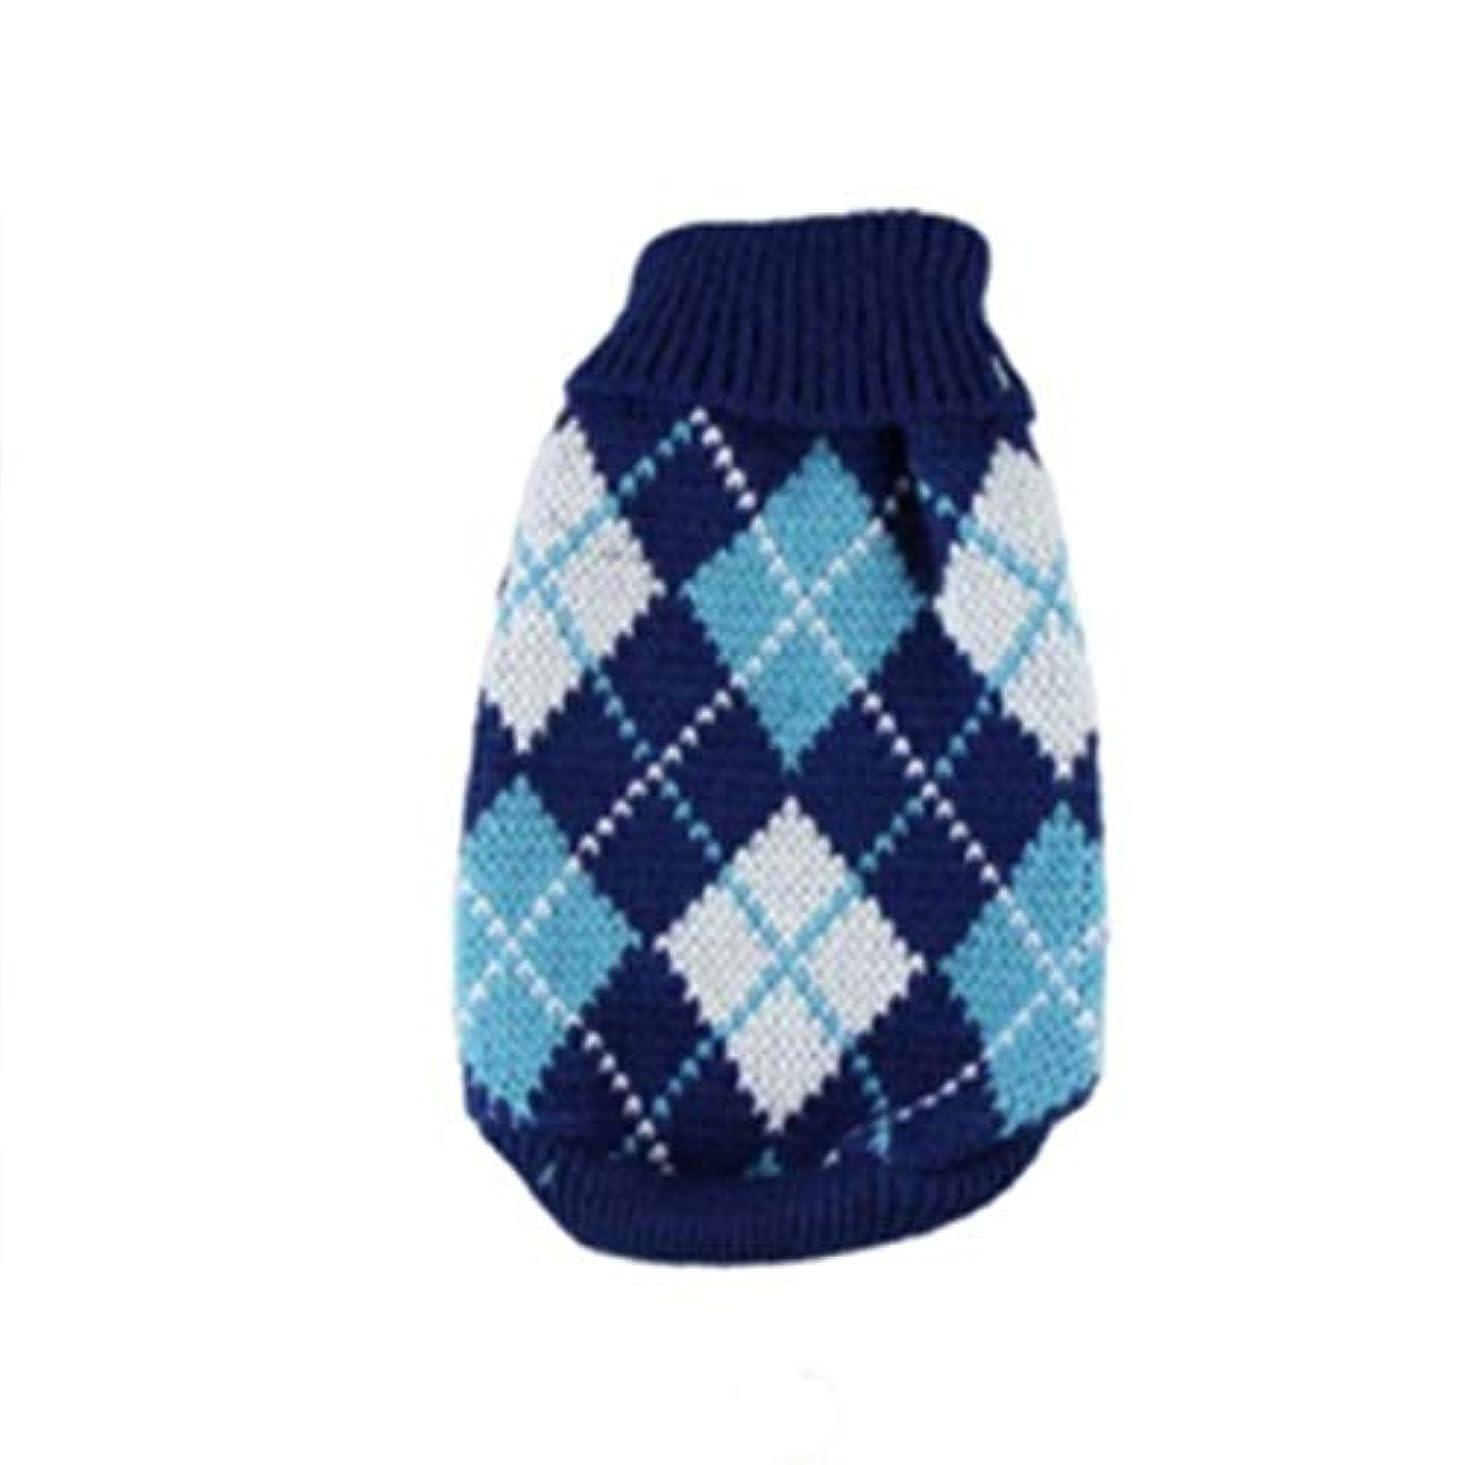 シェトランド諸島終わらせる教えてSaikogoods 軽量ペットの暖かいセーターユニバーサル犬服ファッションソフト犬服ハイカラー快適なペットのコート 青 XS